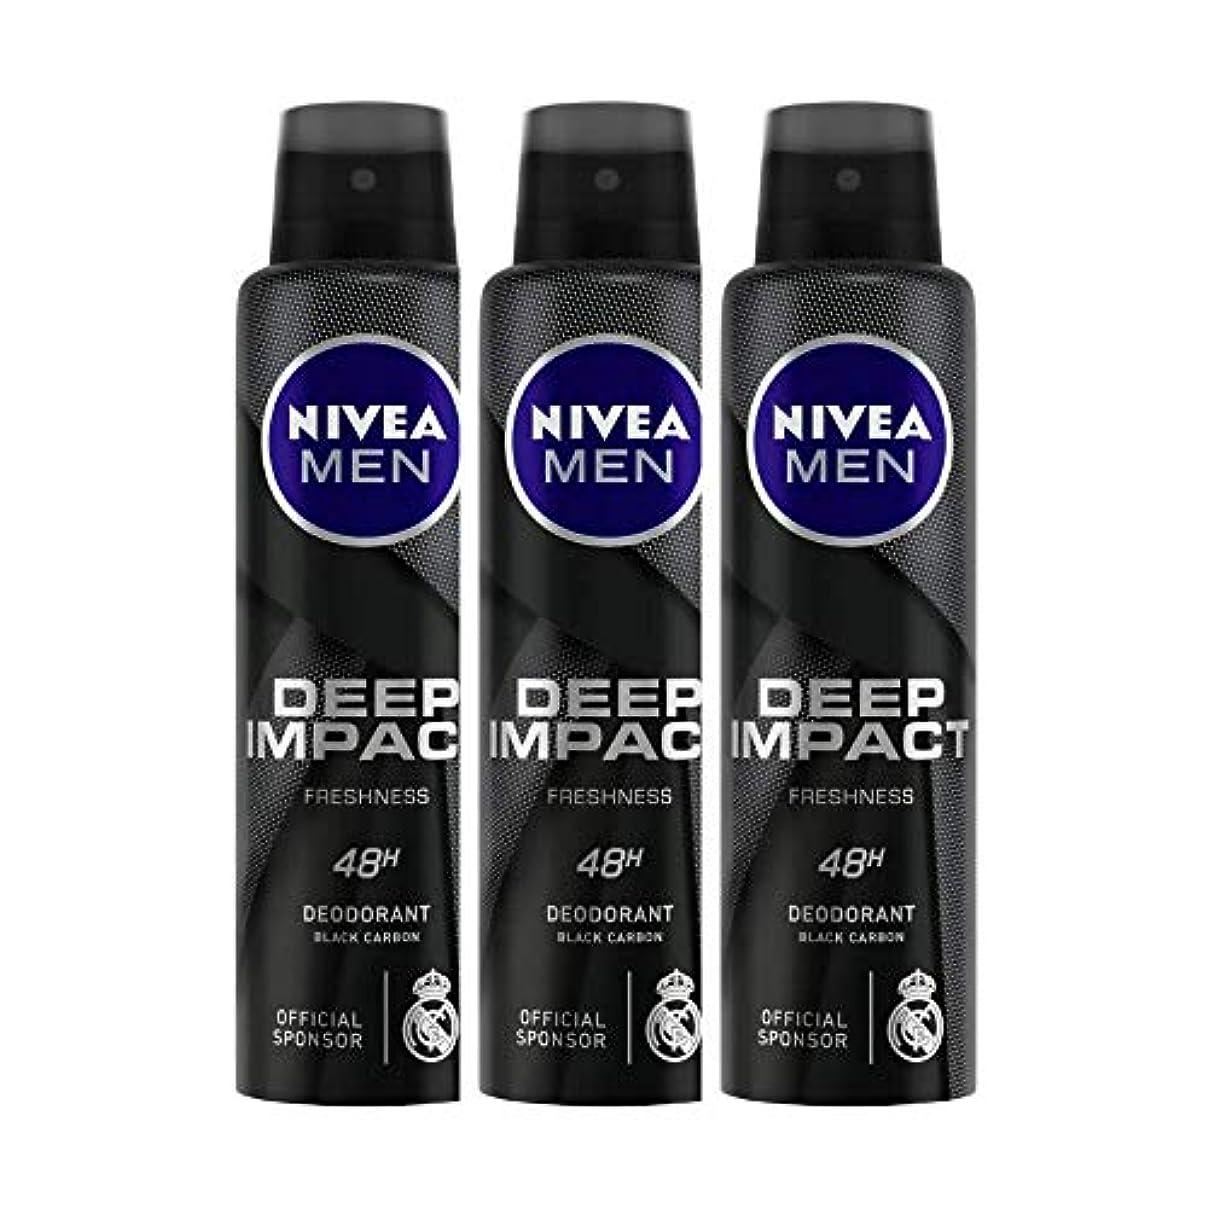 絶壁勢い椅子Nivea Men Deep Impact Freshness Deodorant Spray - For Men, 150 ml (Pack of 3)